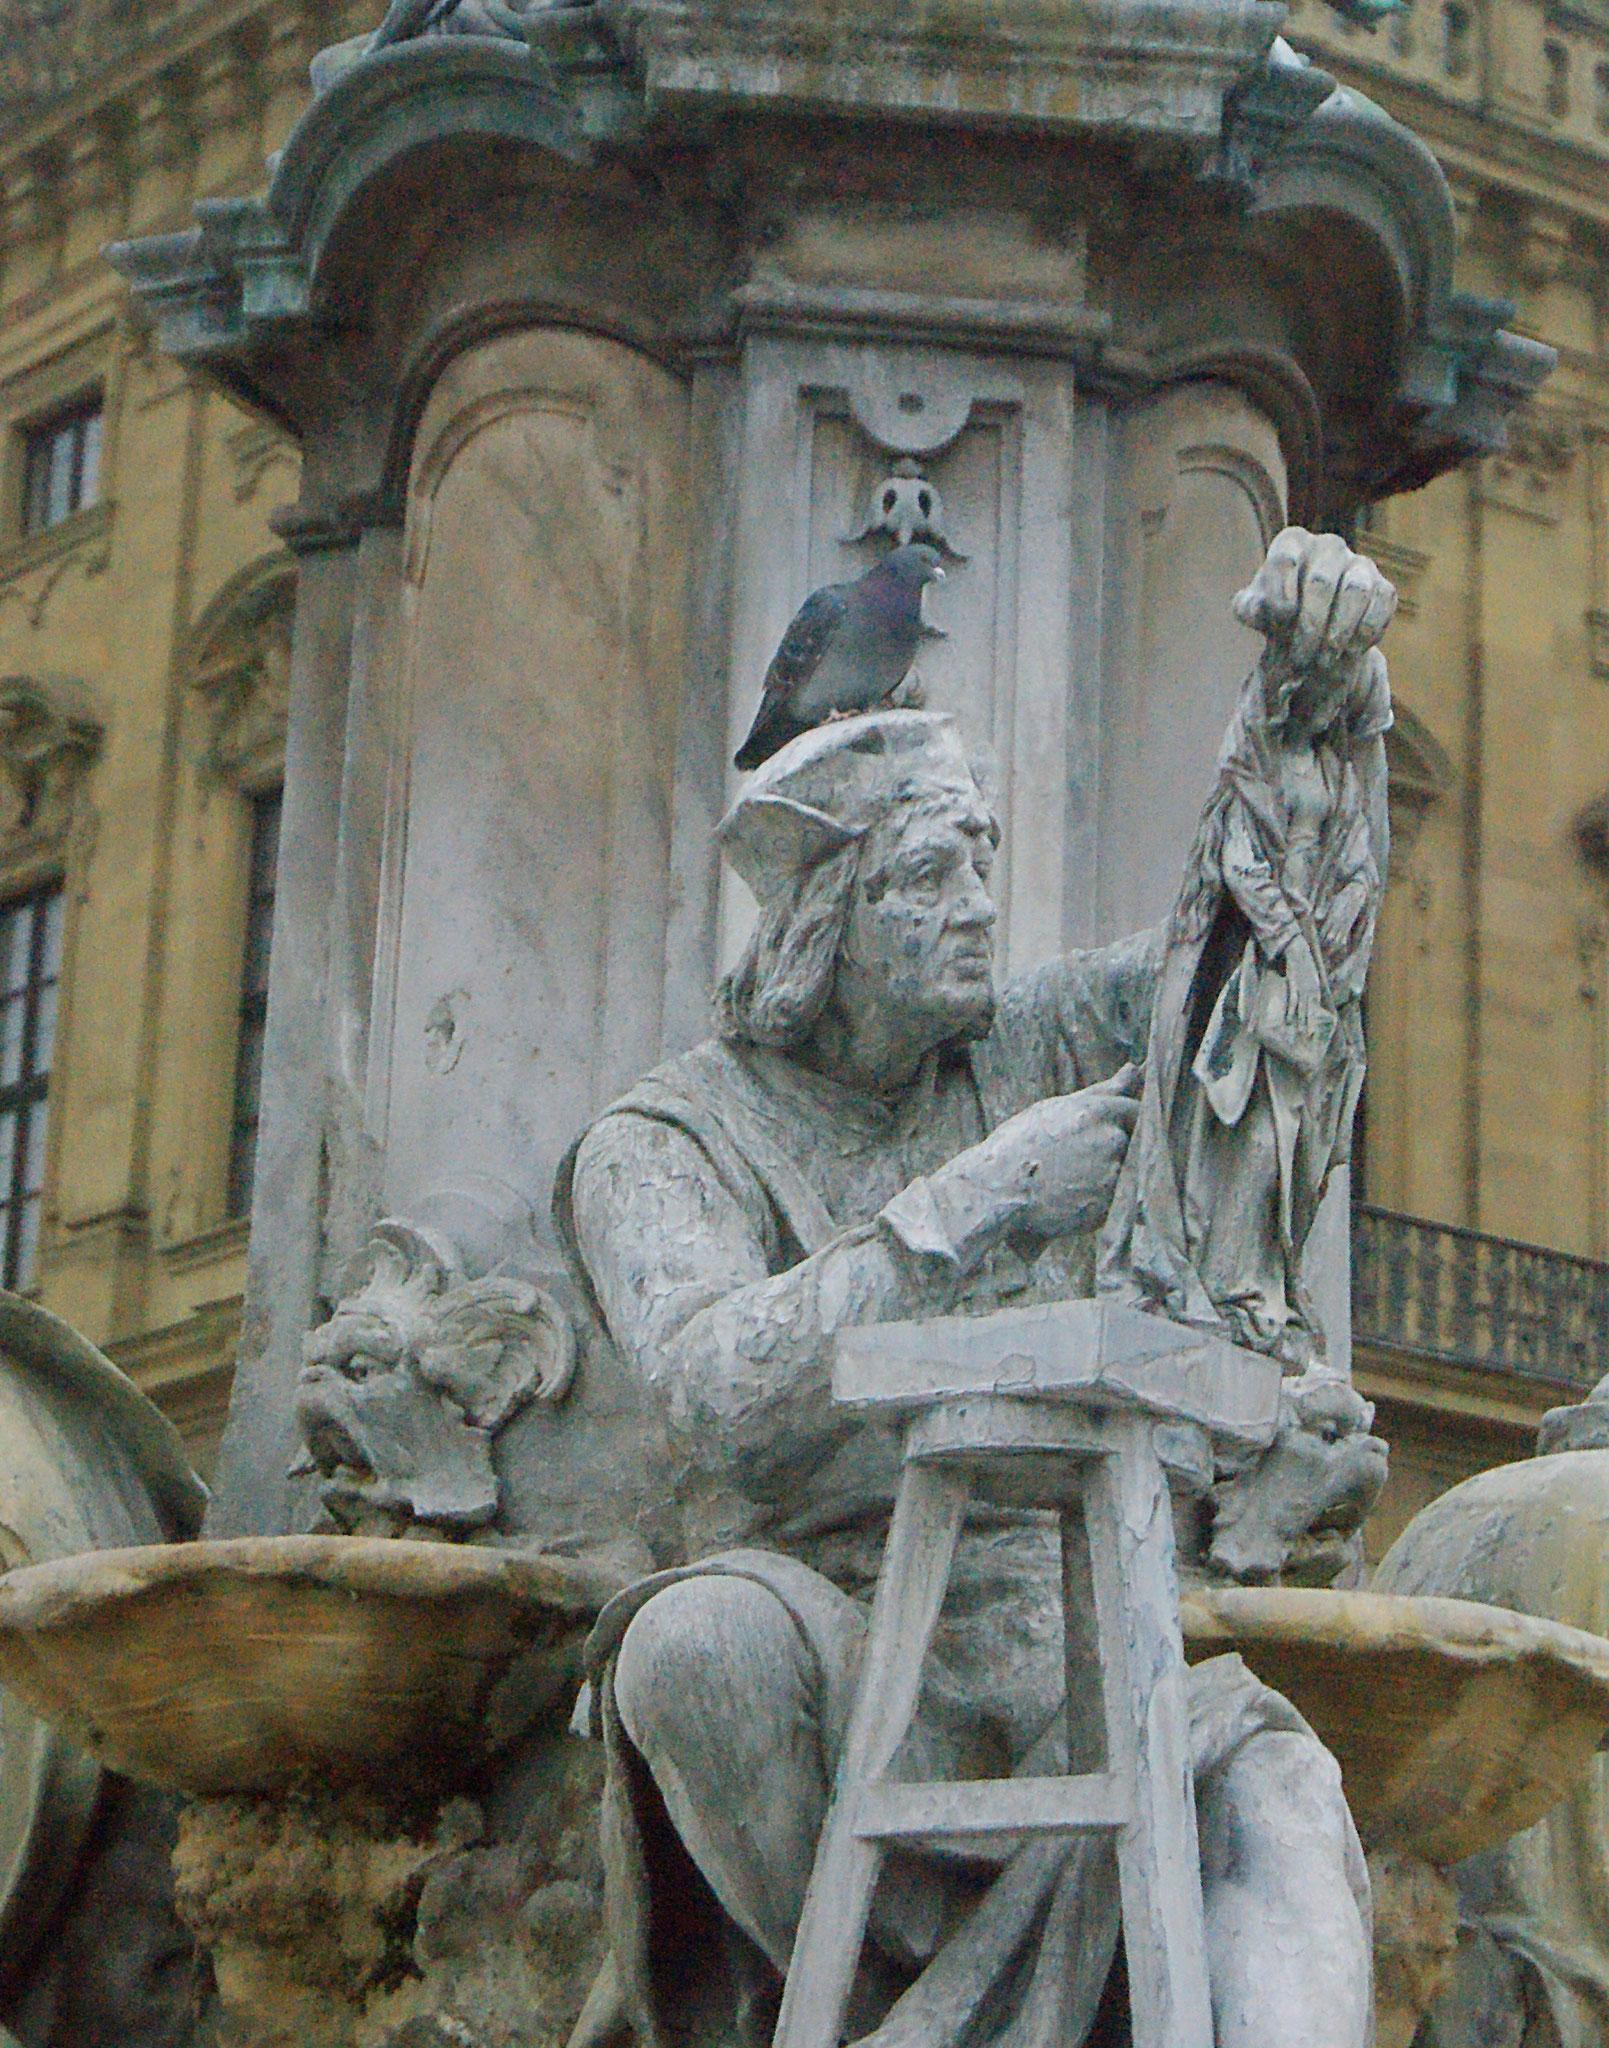 Tilman Riemenschneider am Frankoniabrunnen, Würzburg